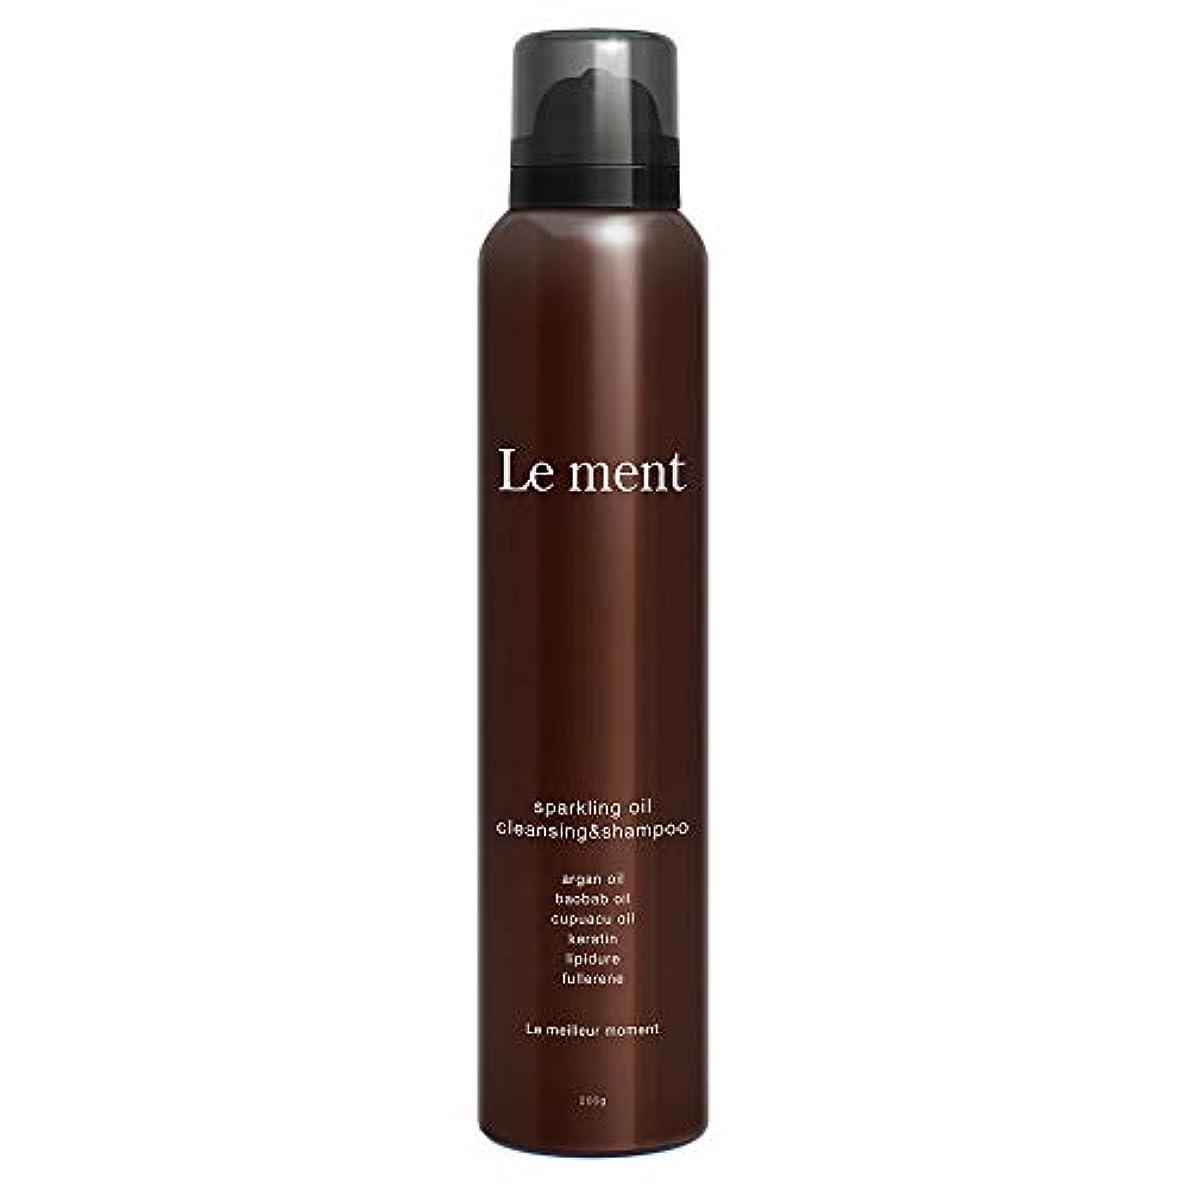 ソース列挙する広がりLe ment -sparkling oil cleansing & shampoo -